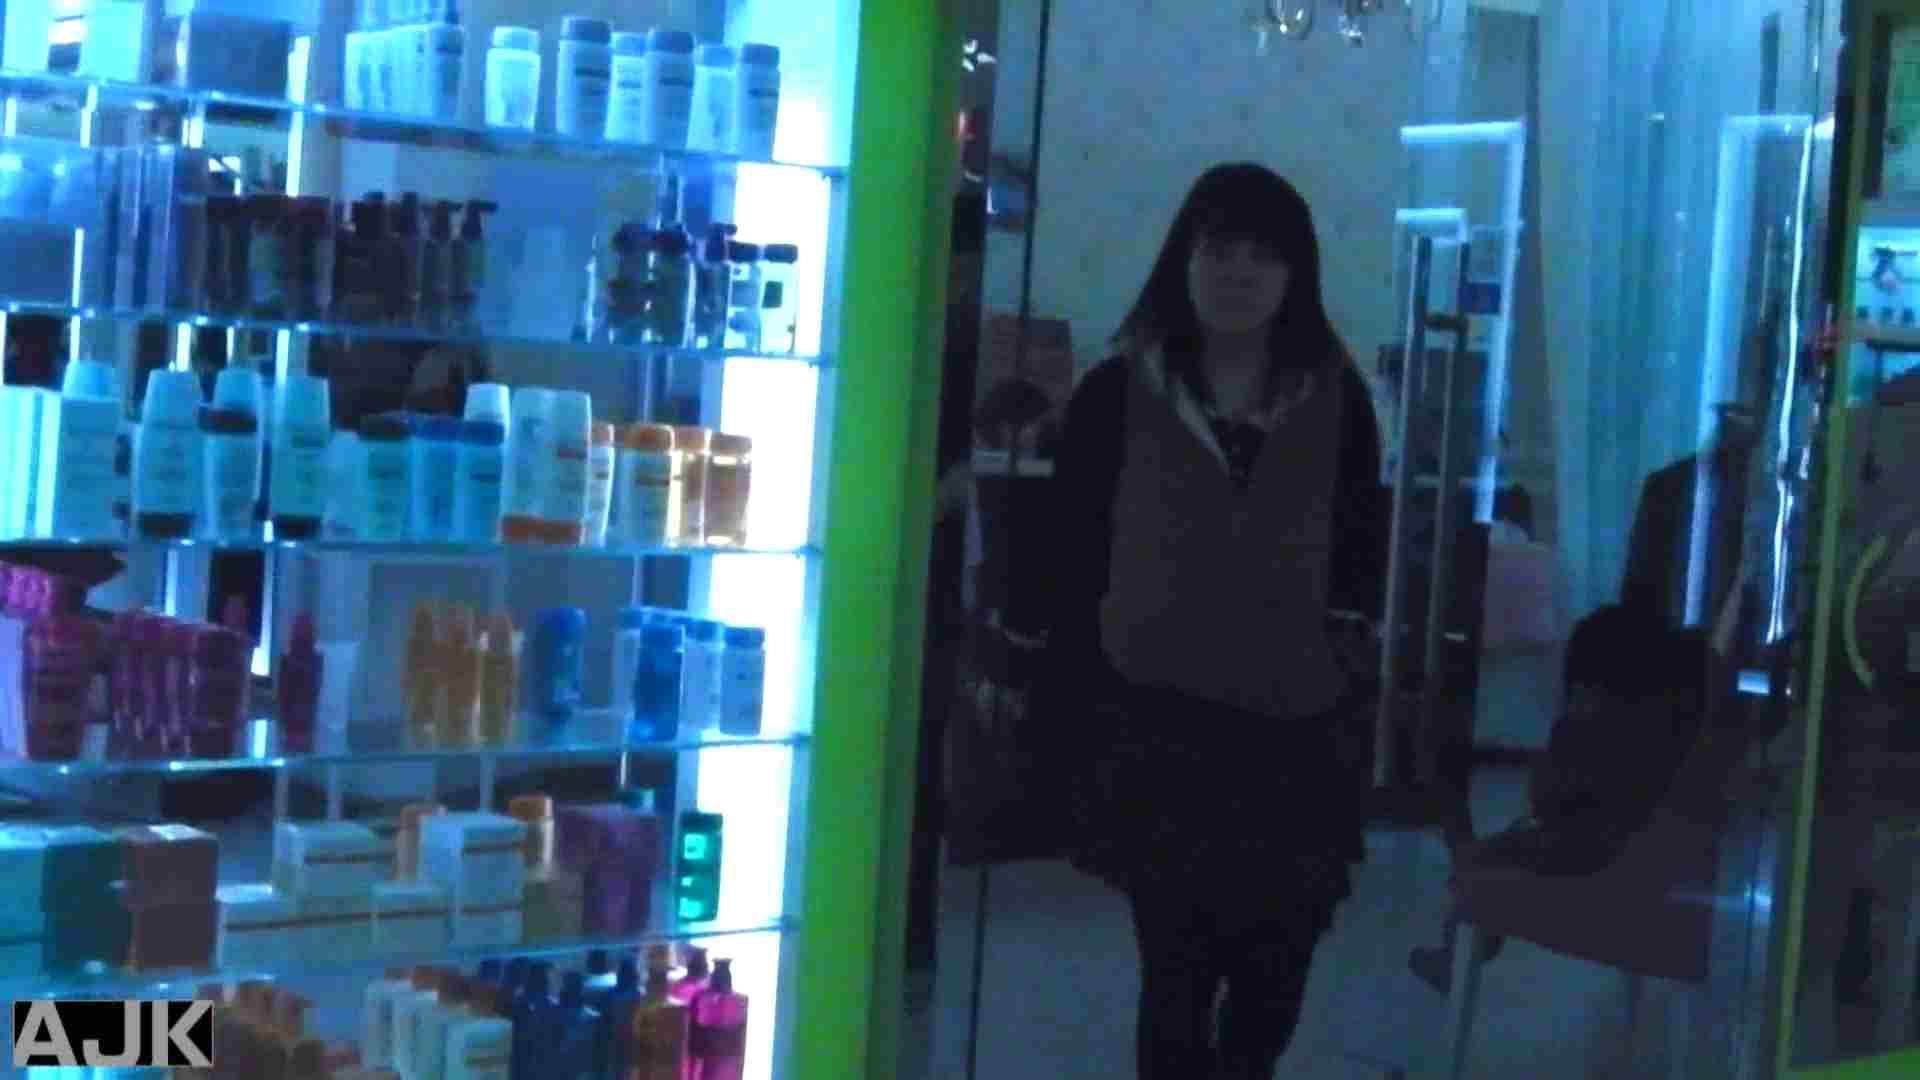 隣国上階級エリアの令嬢たちが集うデパートお手洗い Vol.16 お嬢様のエロ動画 | 美女  91枚 56